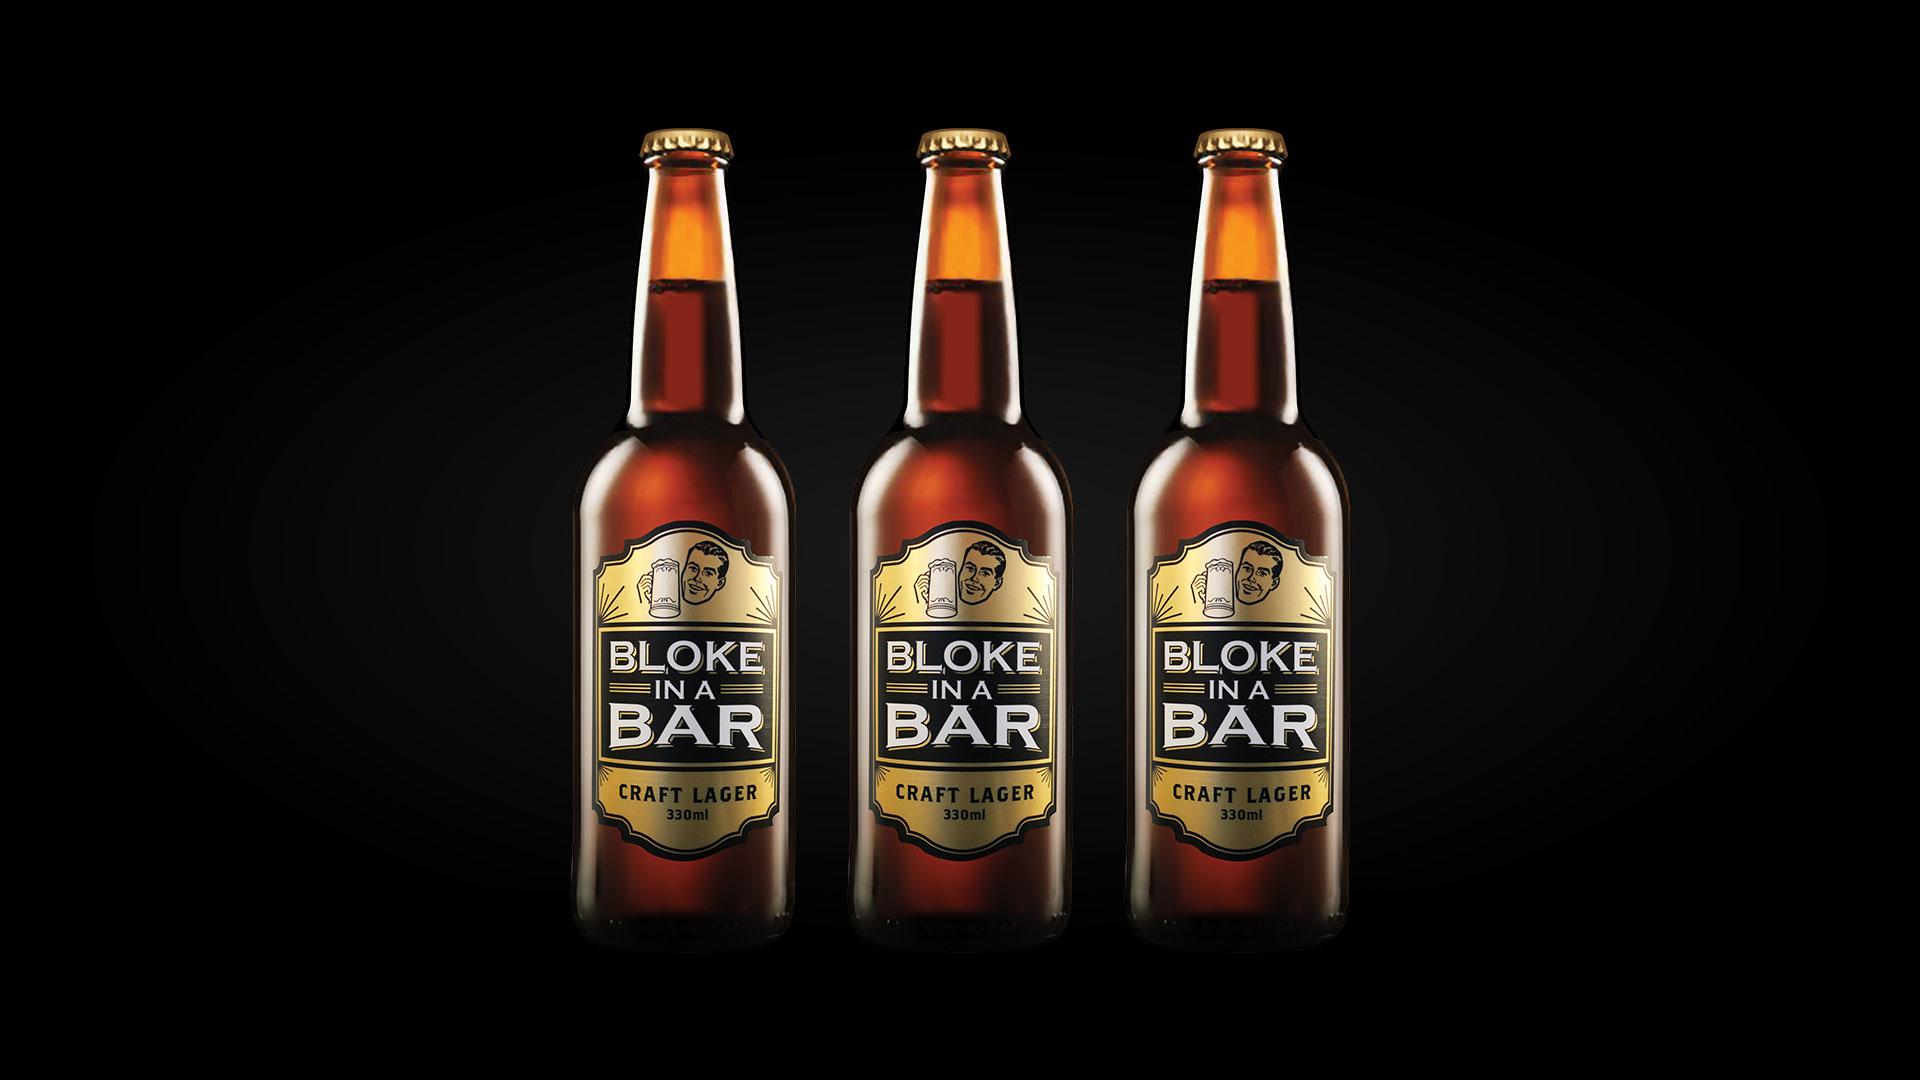 Bloke In A Bar beer bottle design